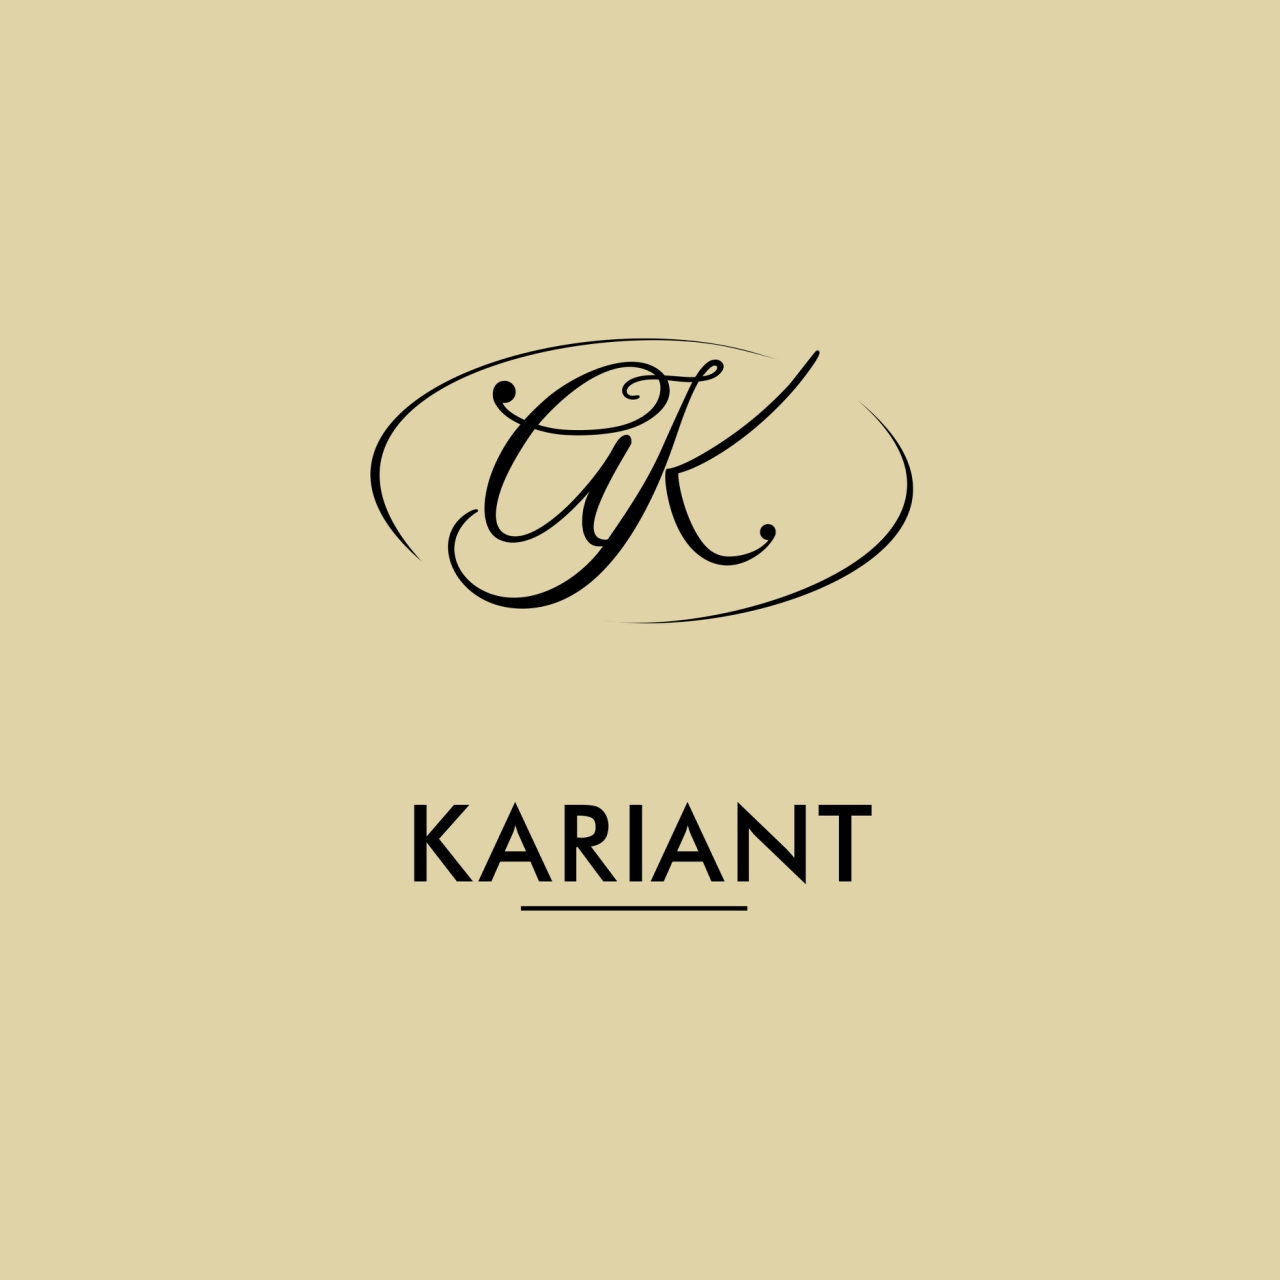 КАРИАНТ (Kariant)